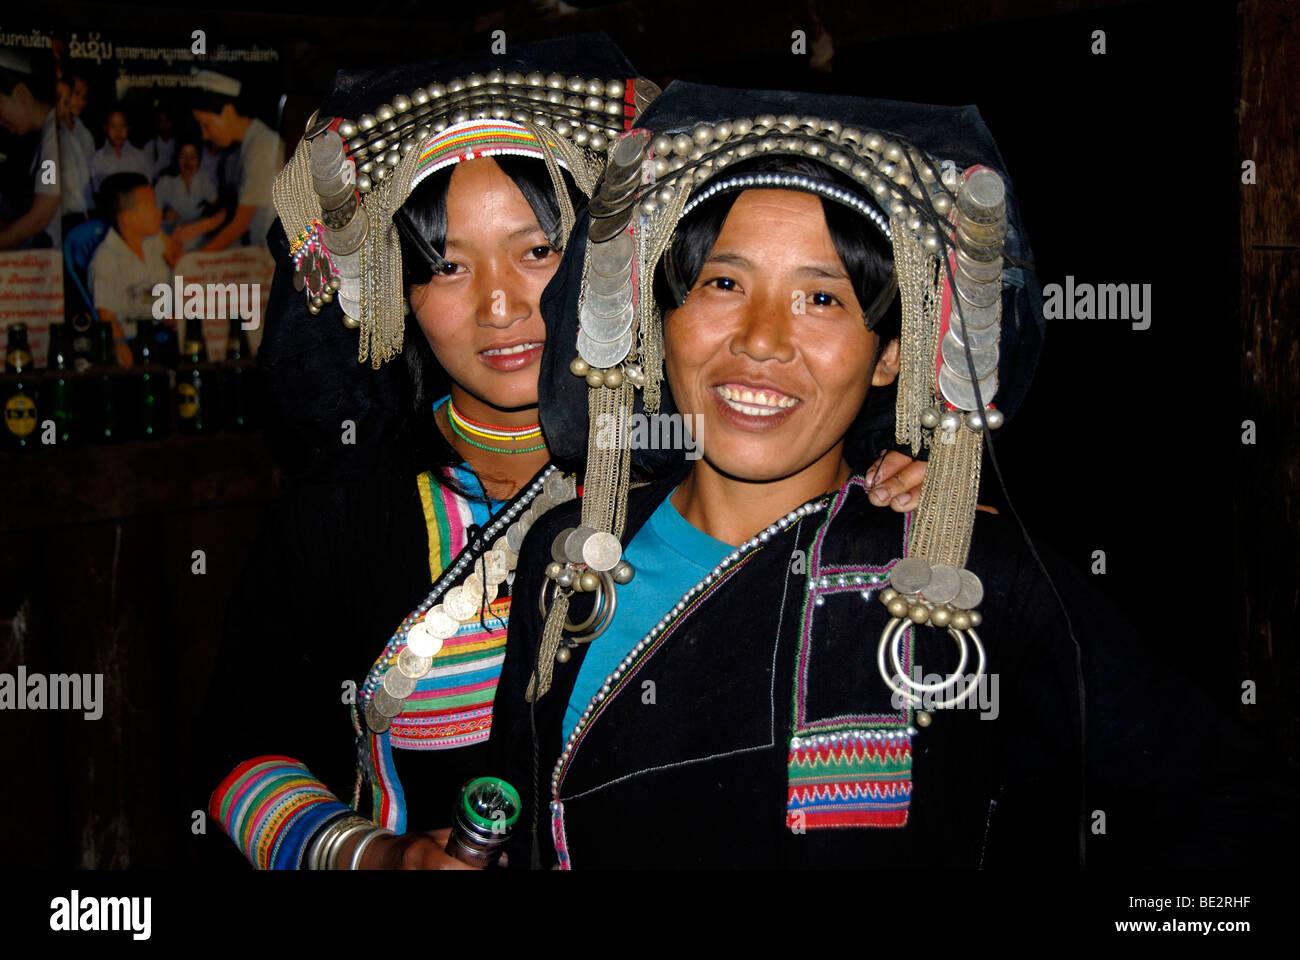 Porträt, Ethnologie, Akha Pixor Mädchen lächelnd und tragen silberne Kopfschmuck und Münzen, Stockbild